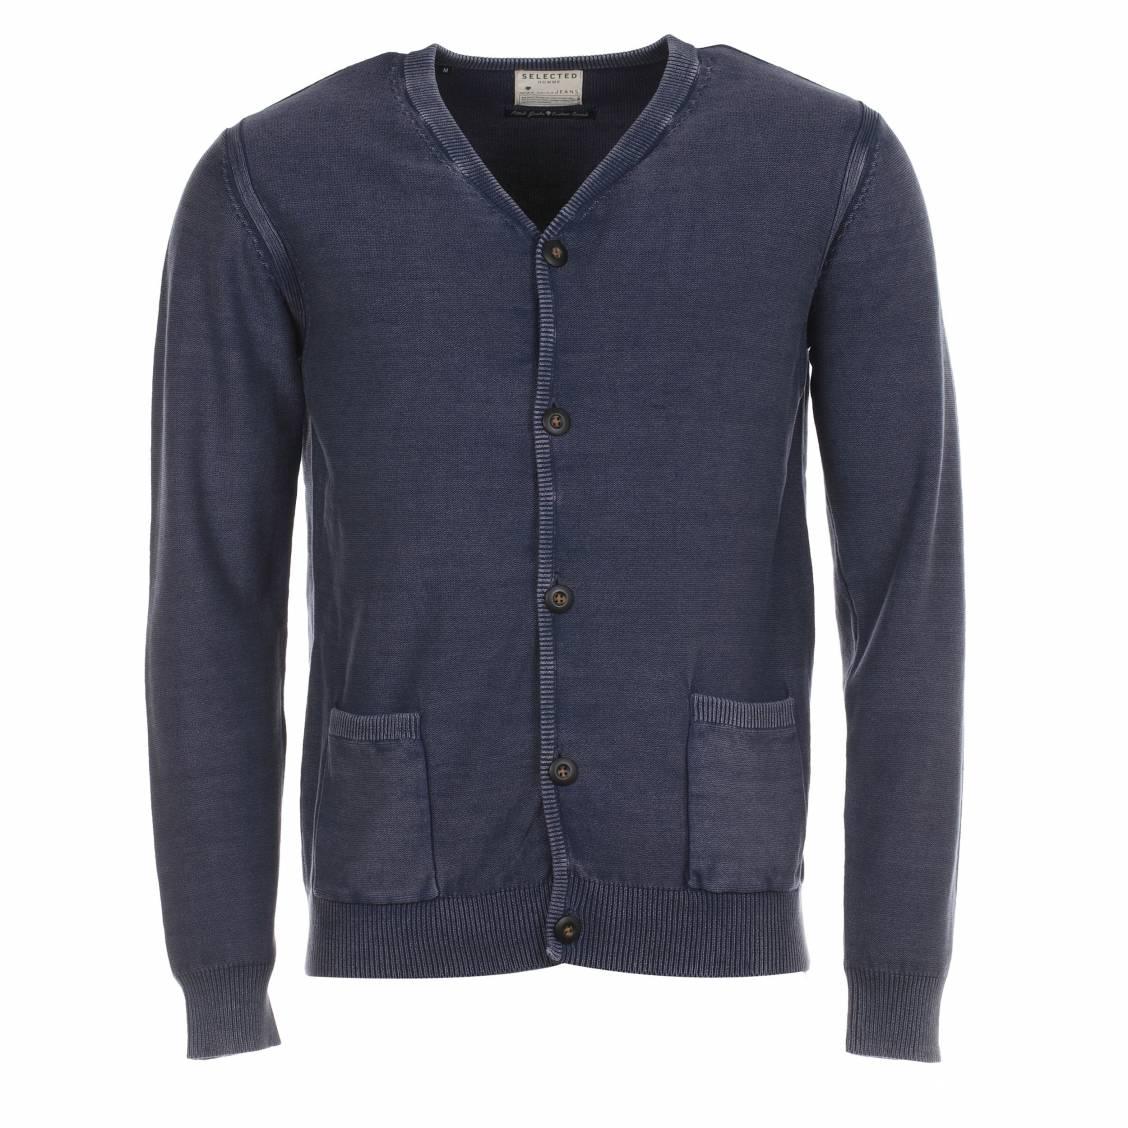 Cardigan Selected en coton bleu navy effet vintage. Cardigan homme Selected  - Coton (100%) - Bleu navy effet patiné - Fermée par 5 bout